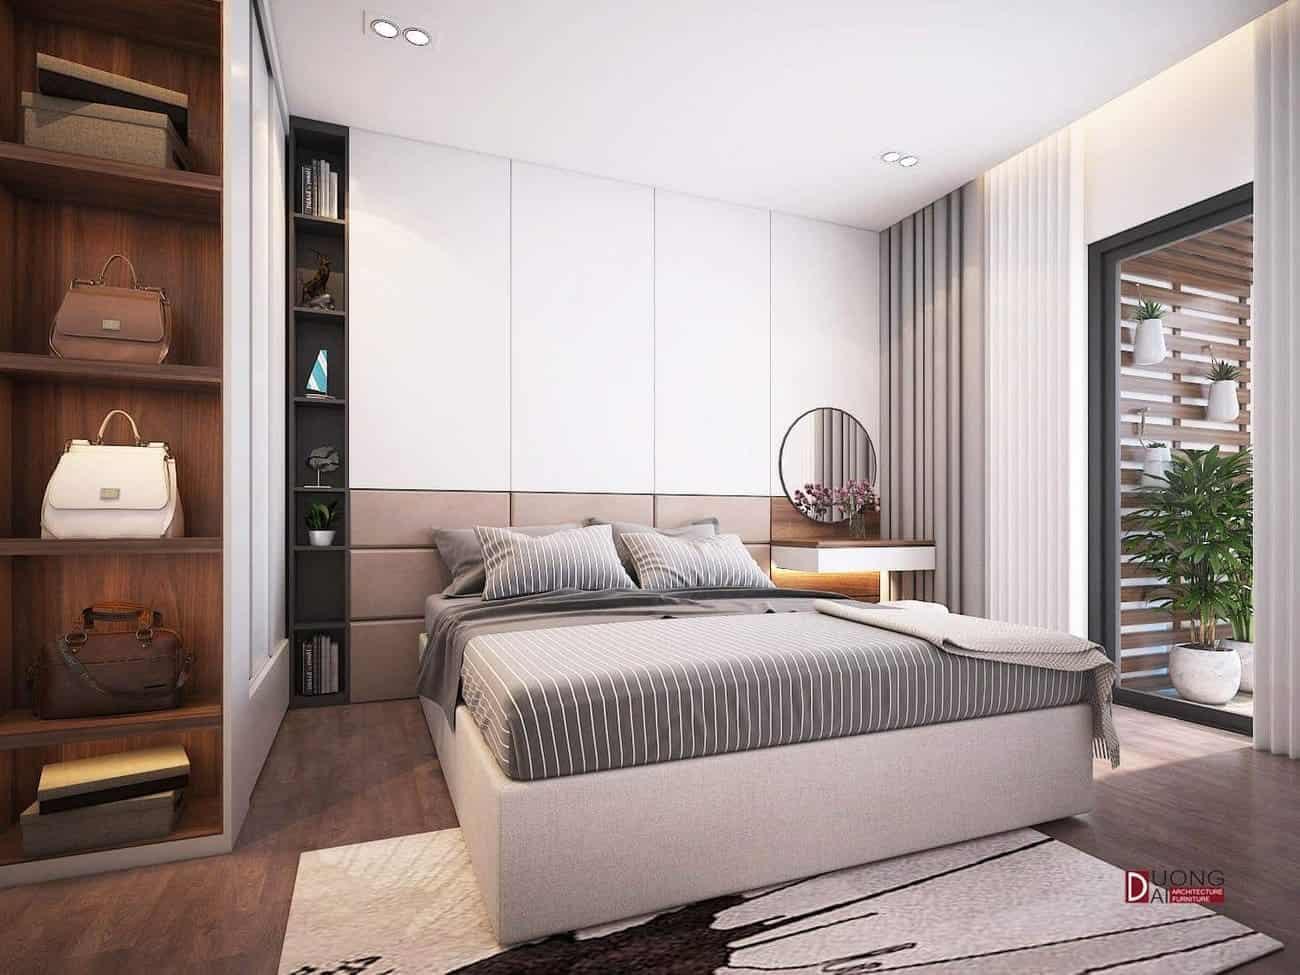 Mẫu thiết kế phòng ngủ đầy ấn tượng với gam màu sáng